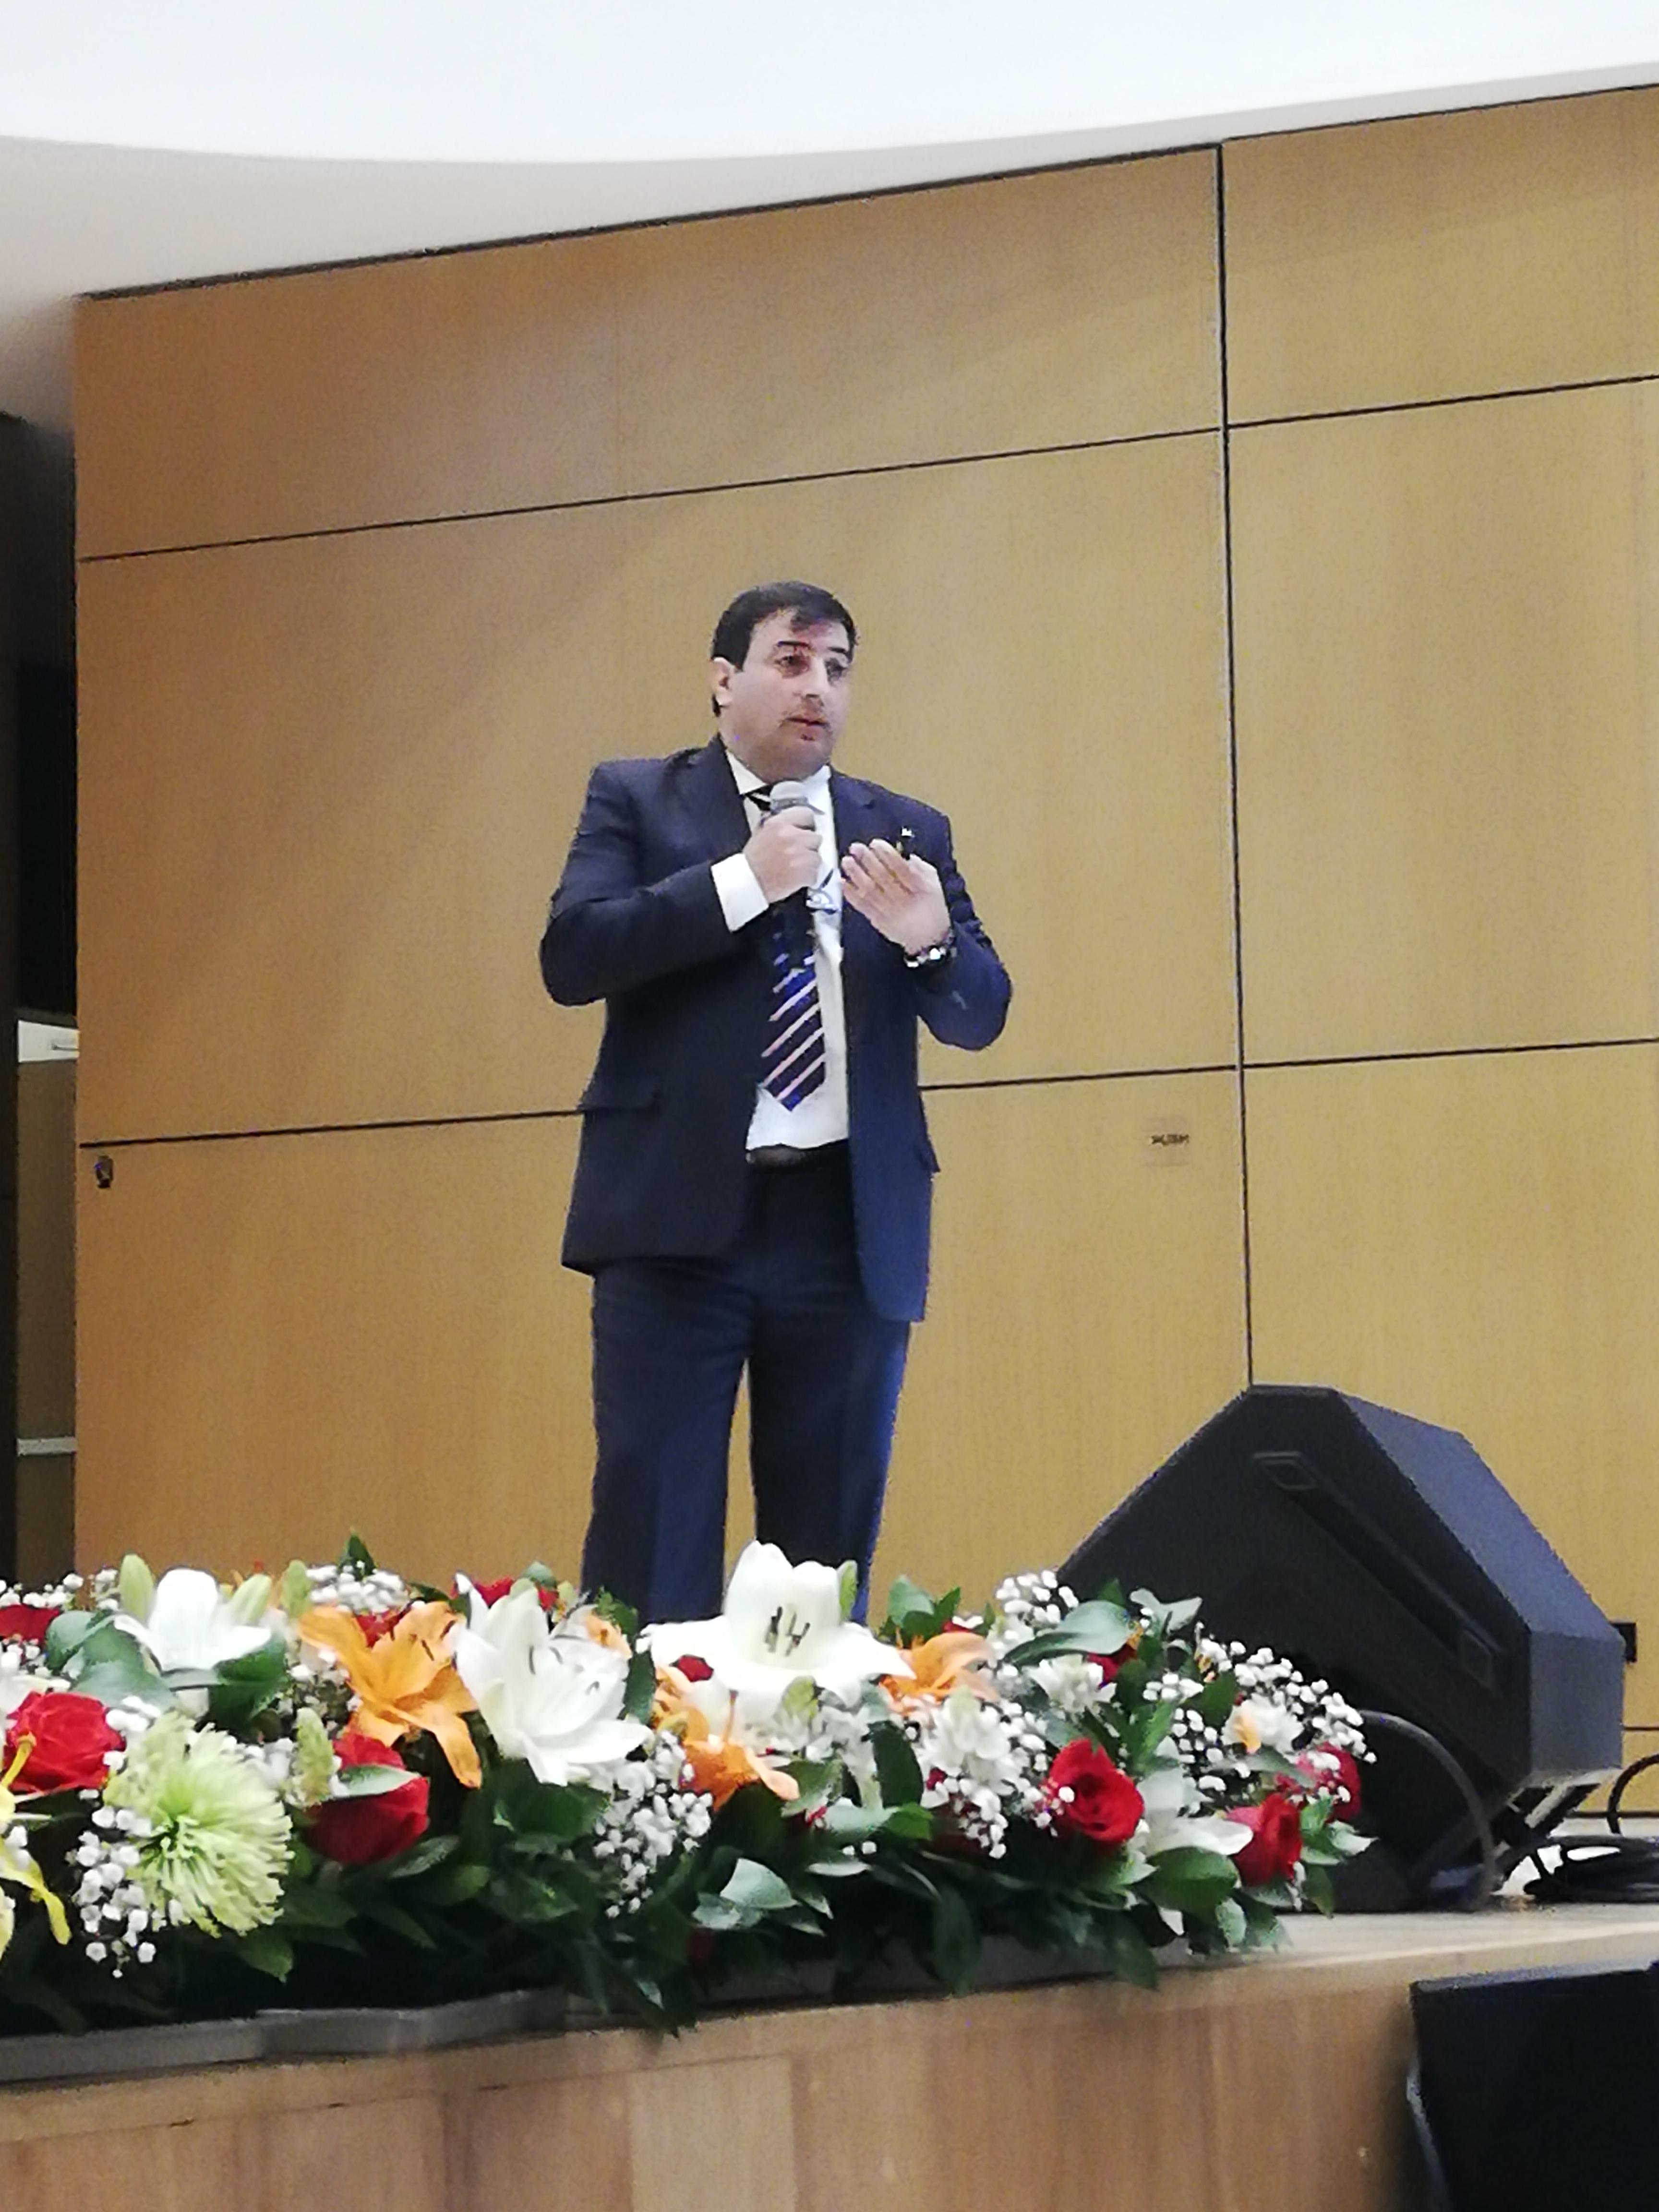 Sergio Robert, Subsecretario de Recursos Naturales y Bioeconomía - Ministerio de Agroindustria bsAs